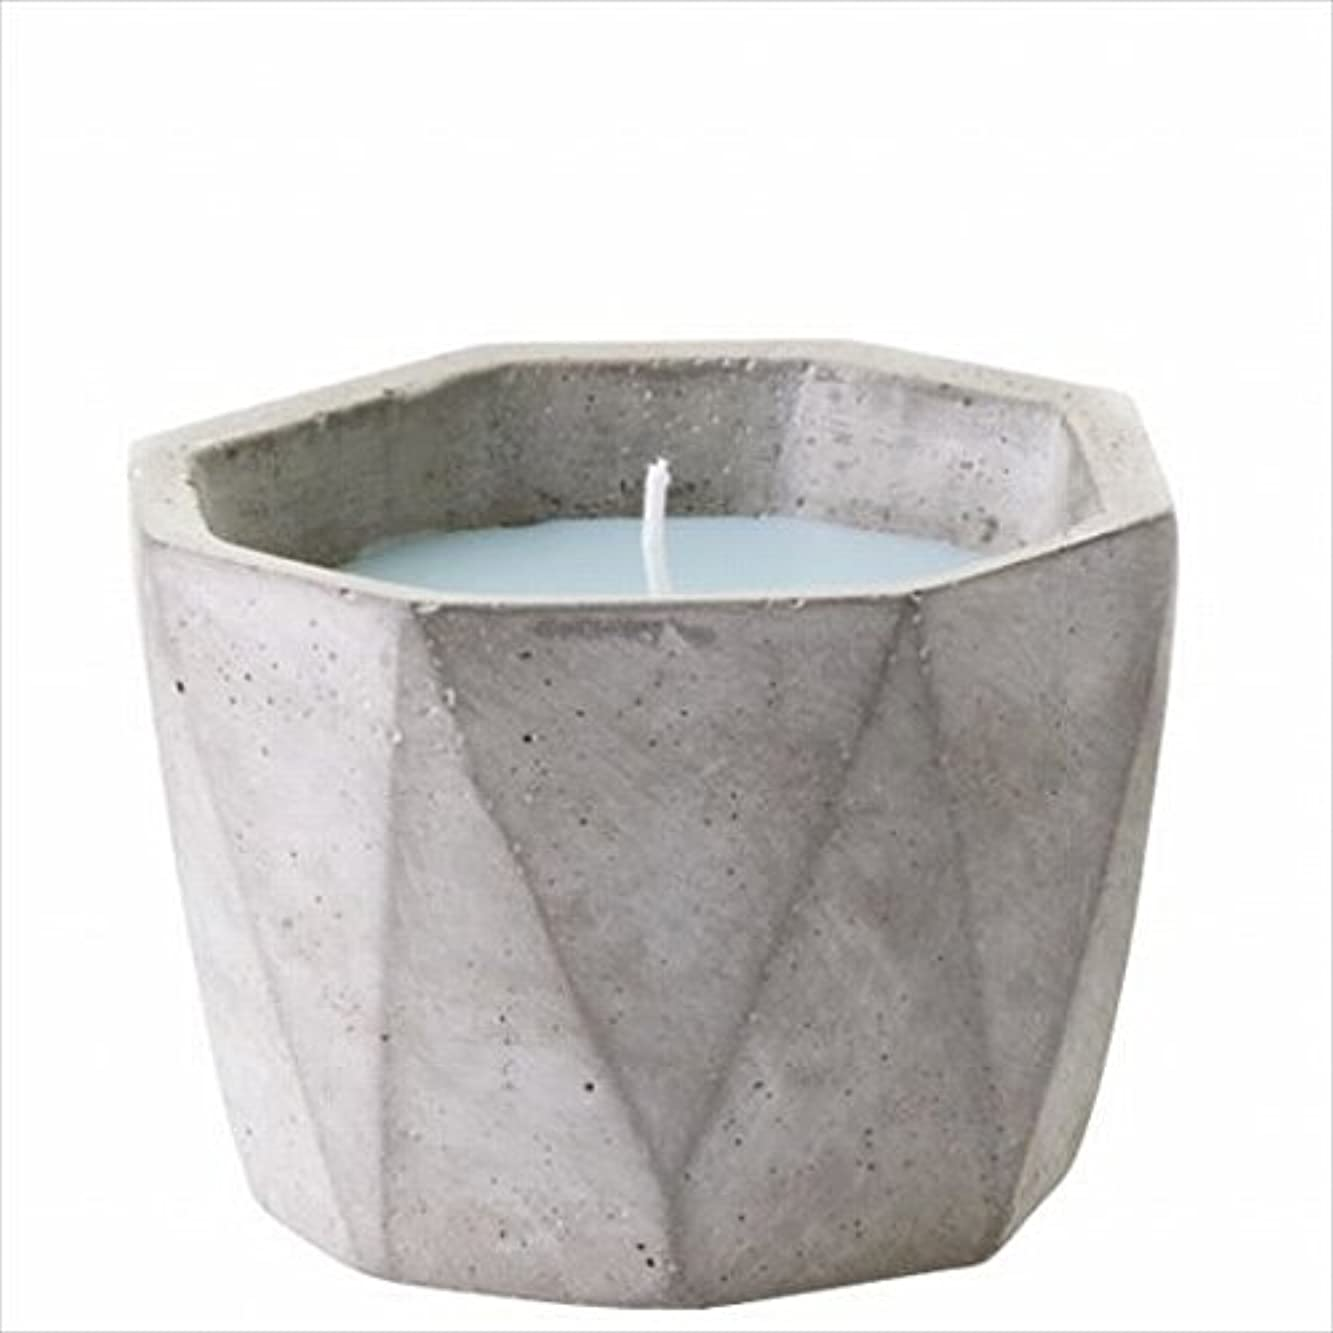 小康基礎理論フラフープカメヤマキャンドル(kameyama candle) POiNT A LA LiGNE セメントポットセンティッドキャンドル 「 モックオレンジミント 」